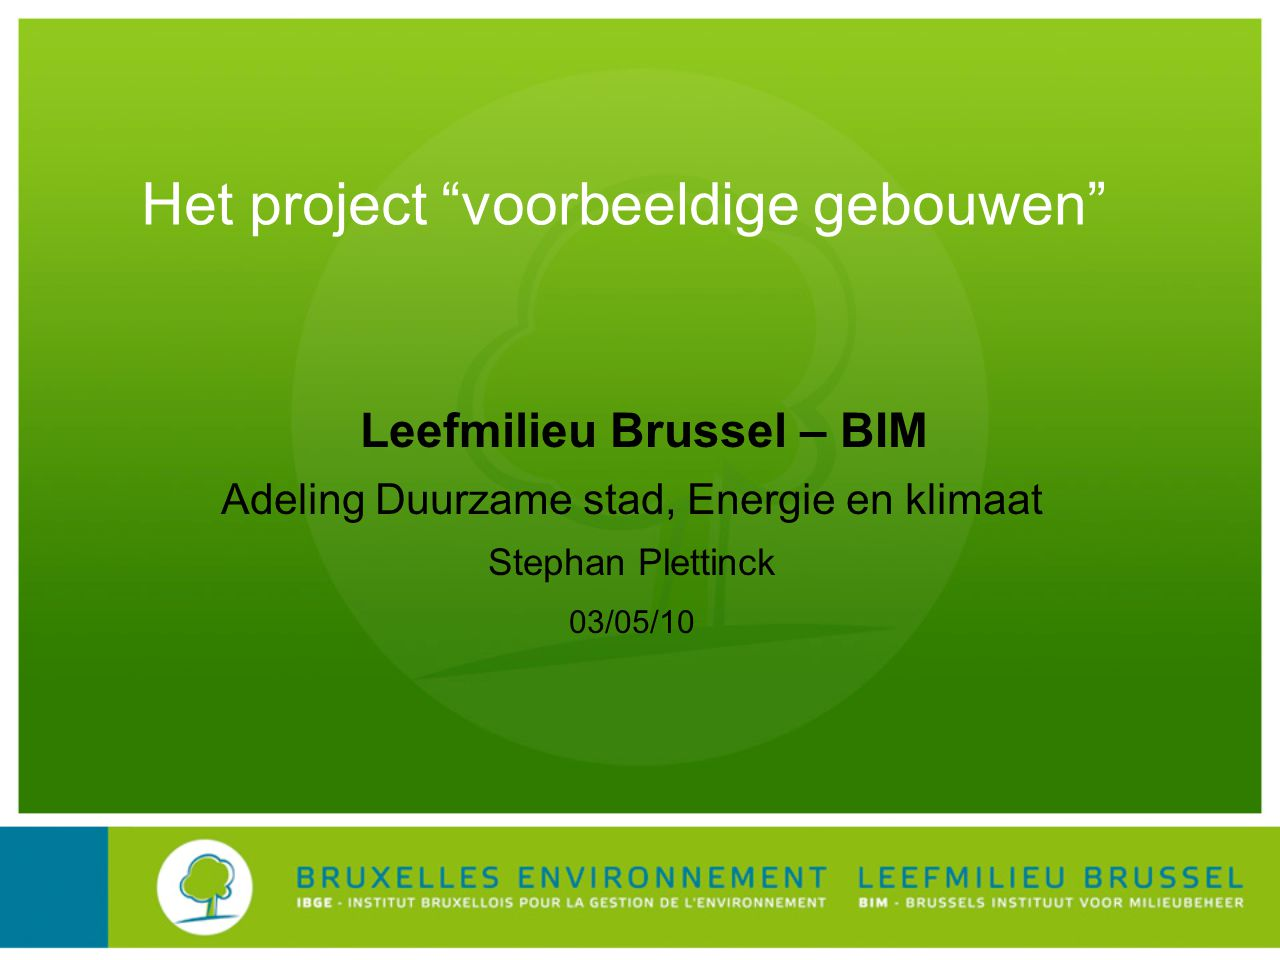 Leefmilieu Brussel – BIM Adeling Duurzame stad, Energie en klimaat Stephan Plettinck 03/05/10 Het project voorbeeldige gebouwen